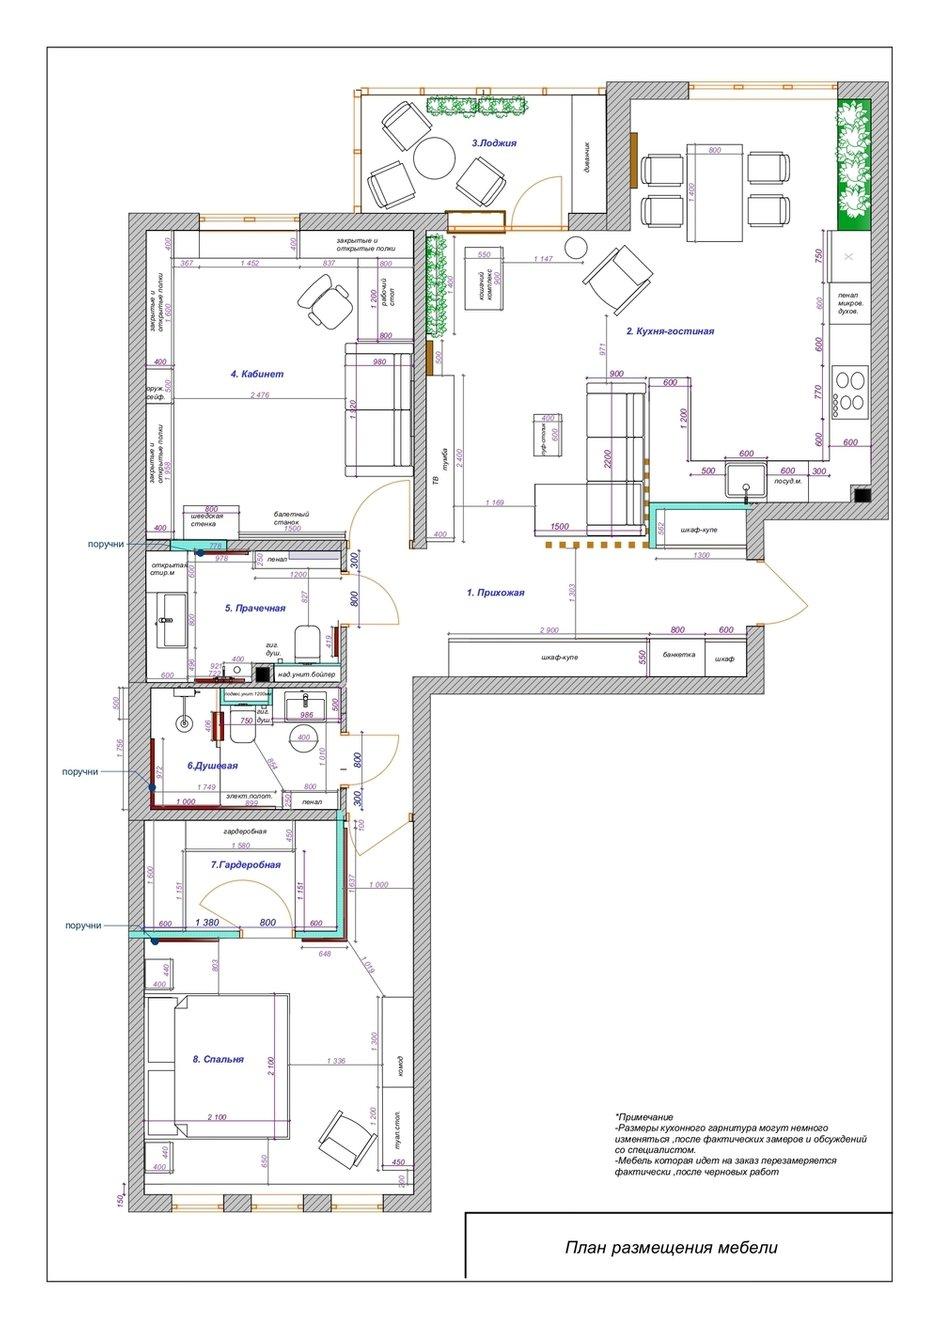 В квартире 100 квадратных метров. Изначально это была обычная трешка, но дизайнер объединила кухню и гостиную, сделала гардеробную в спальне, чтобы хозяйке было максимально удобно.